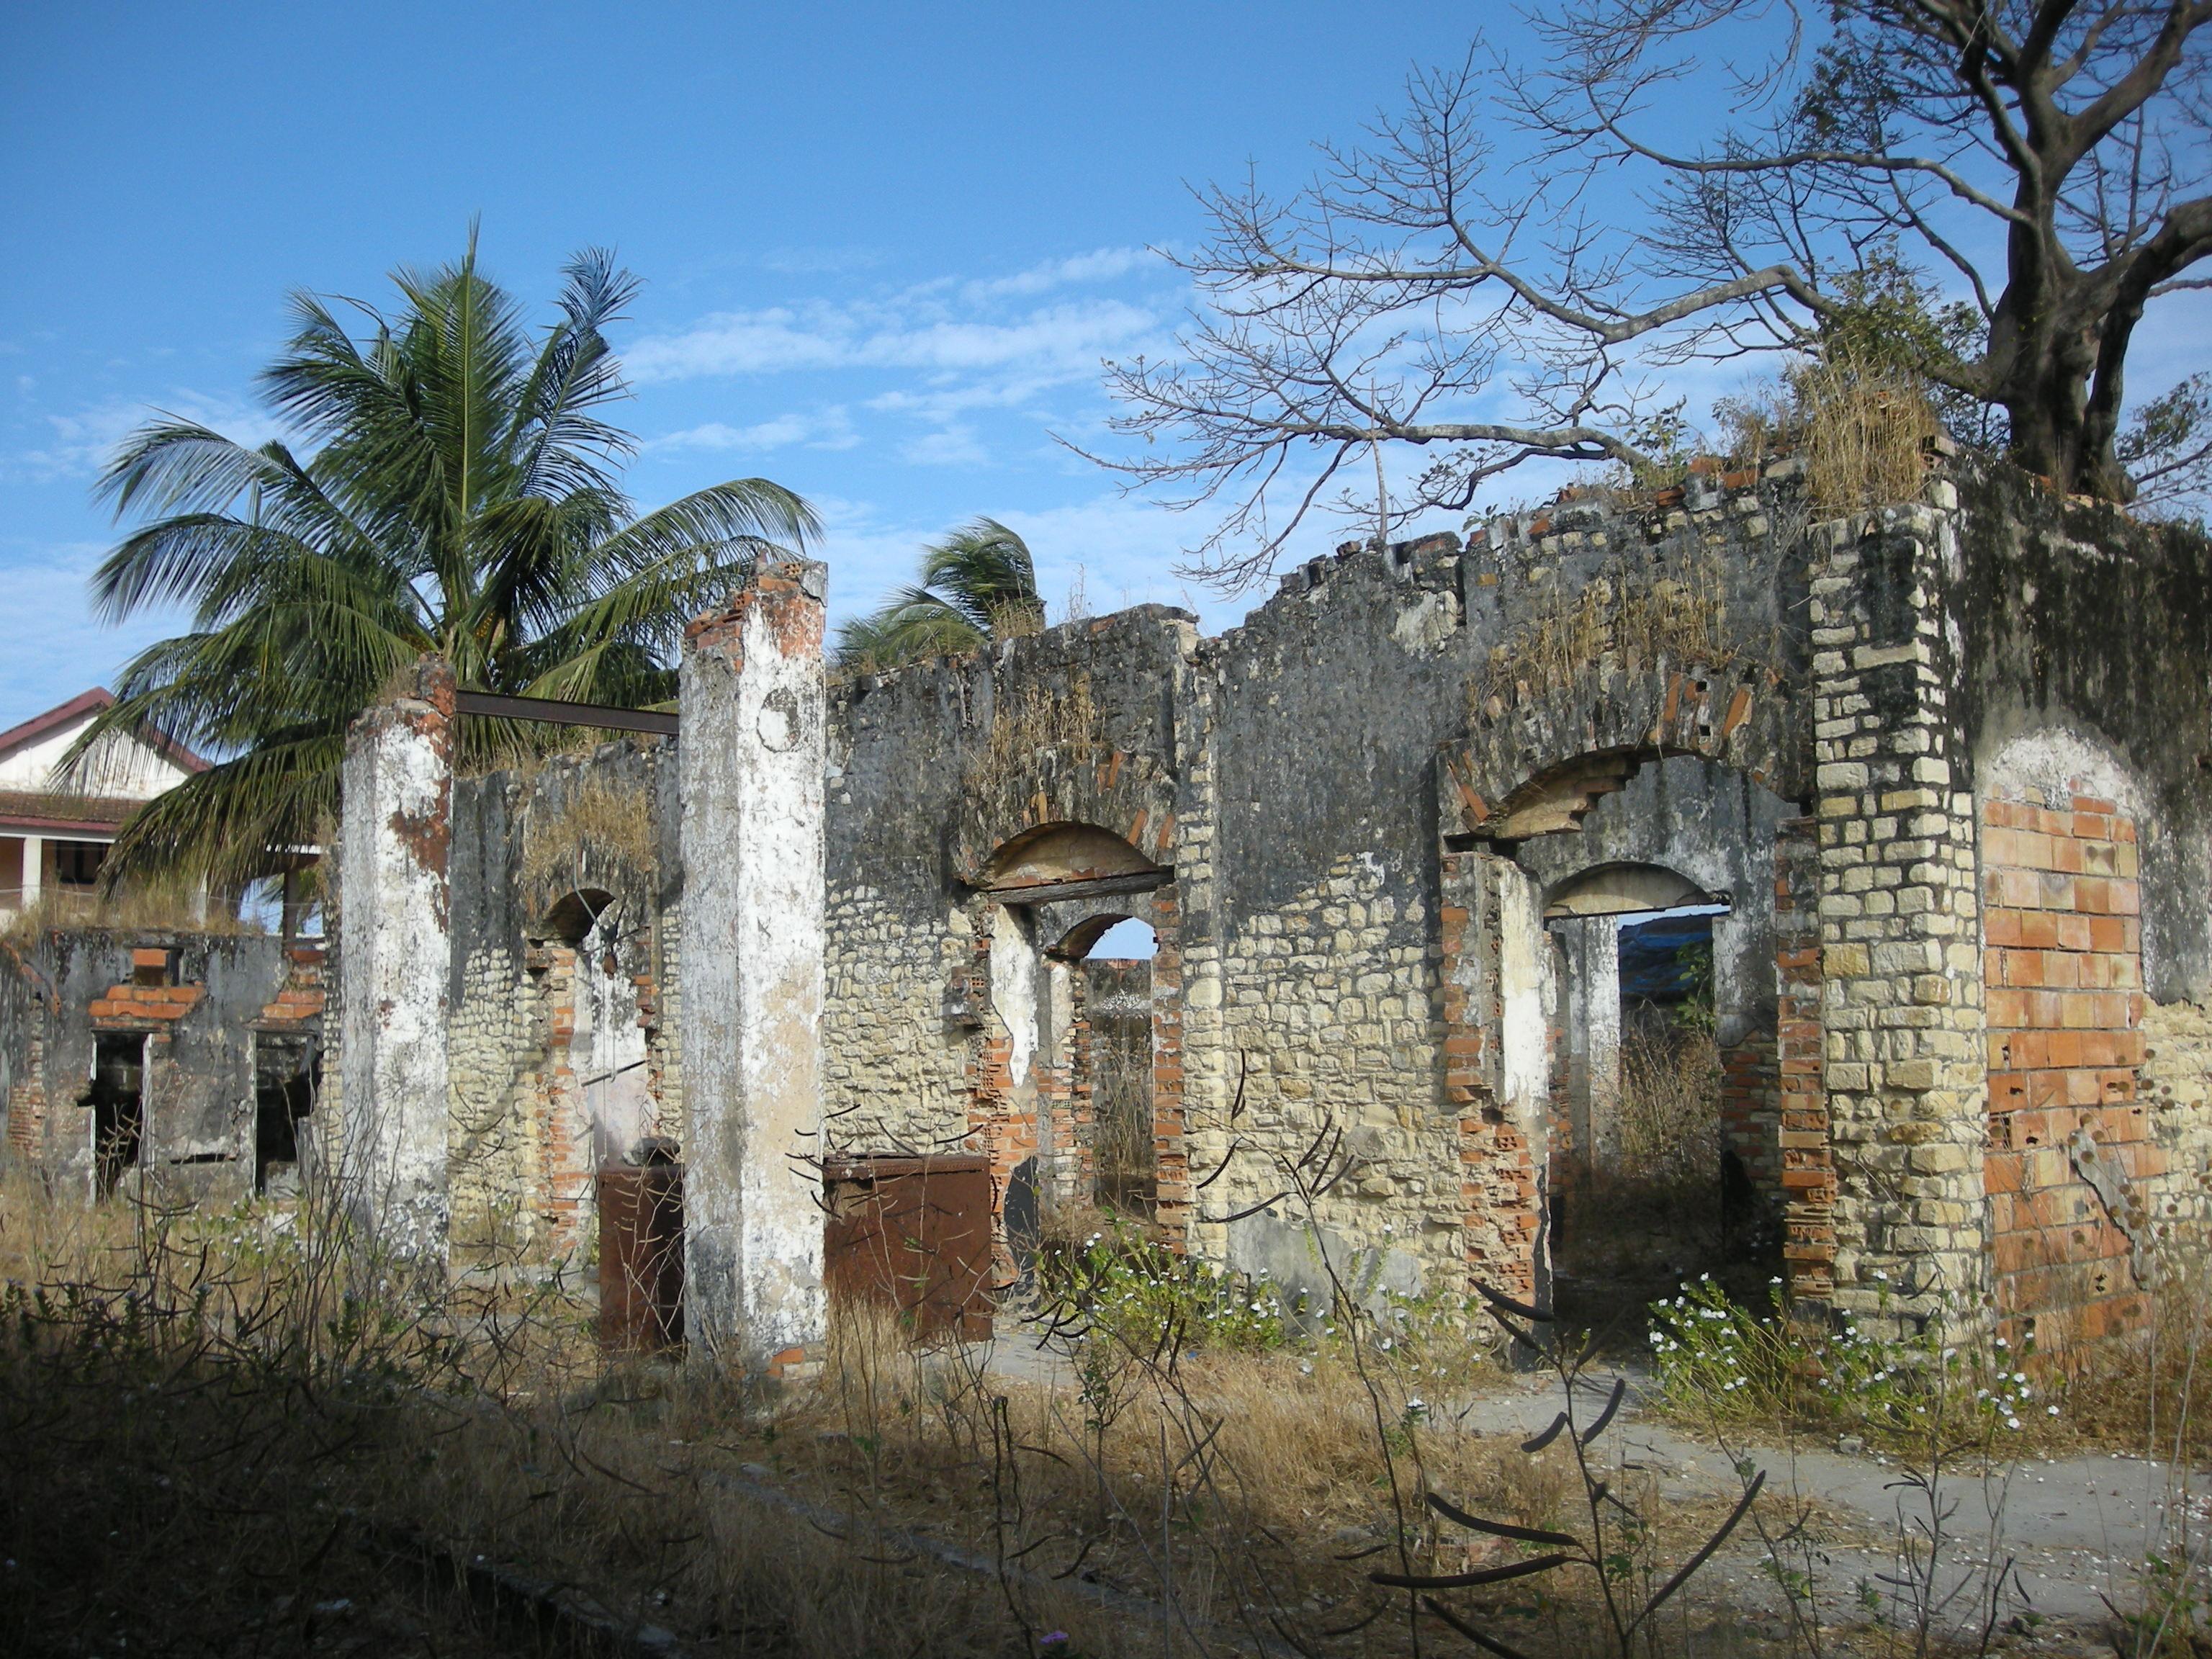 Carabane for Acheter une maison au senegal